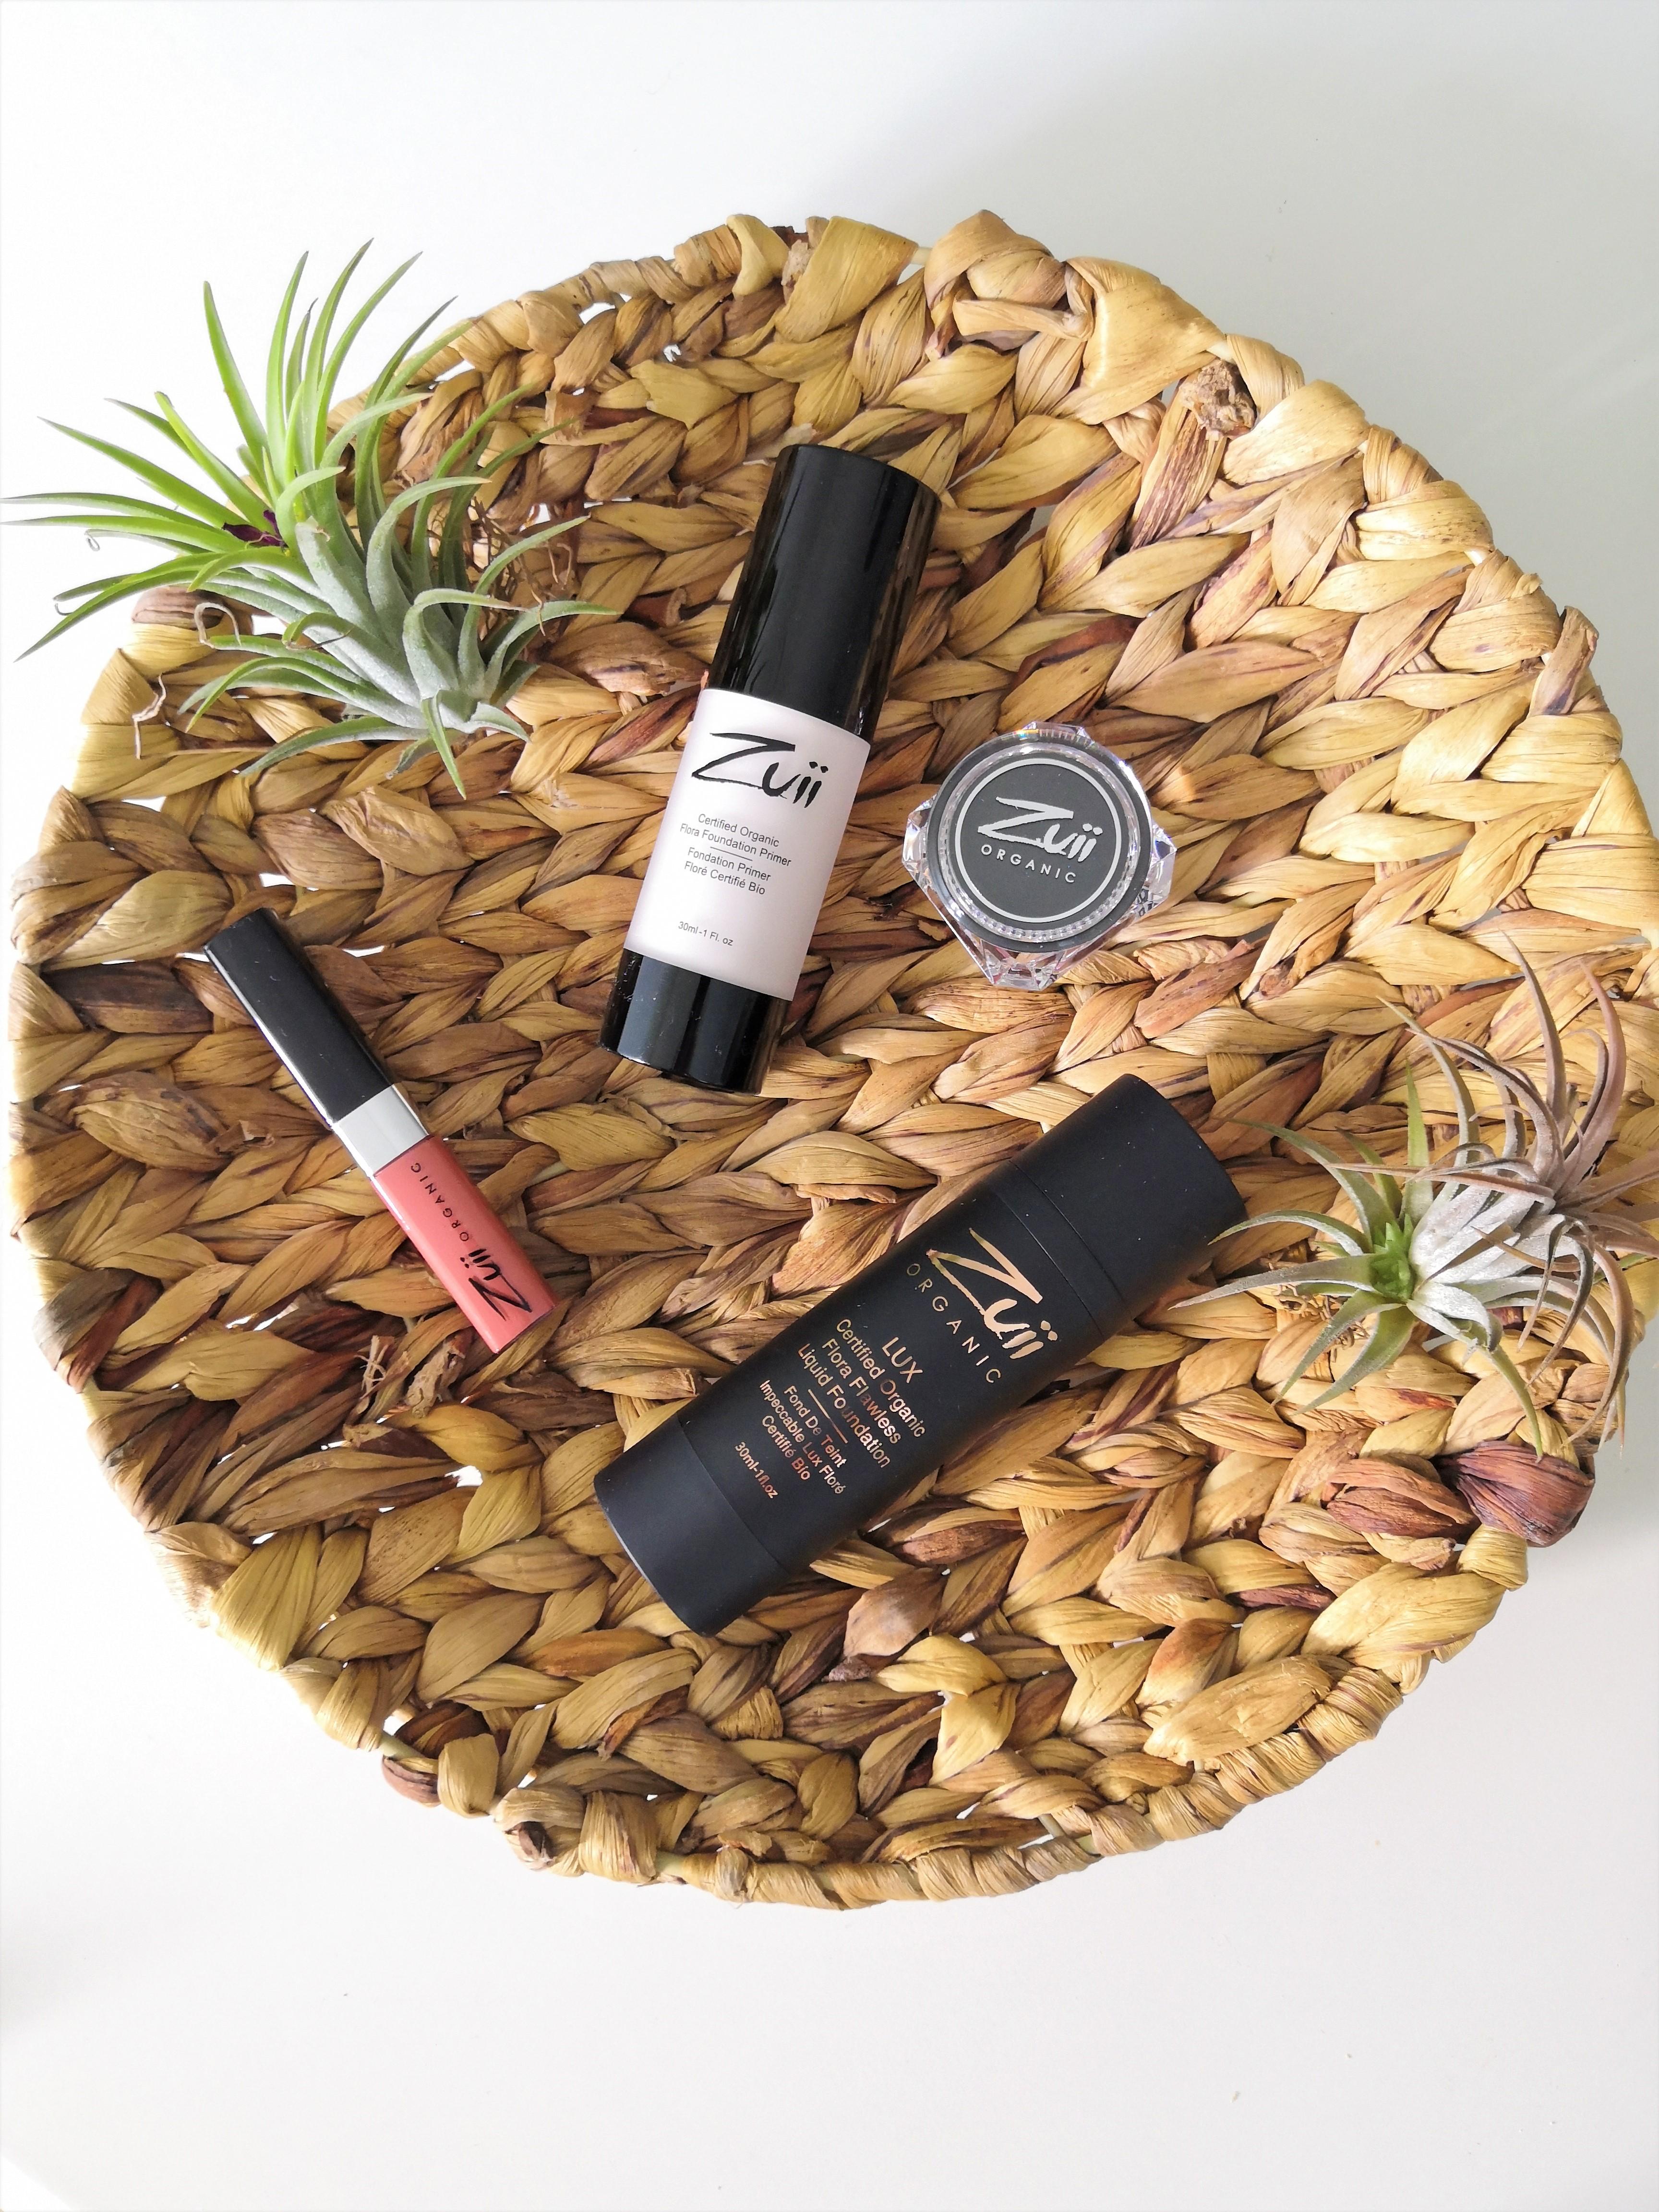 Kaunis meikkipohja luonnonkosmetiikan tuotteilla